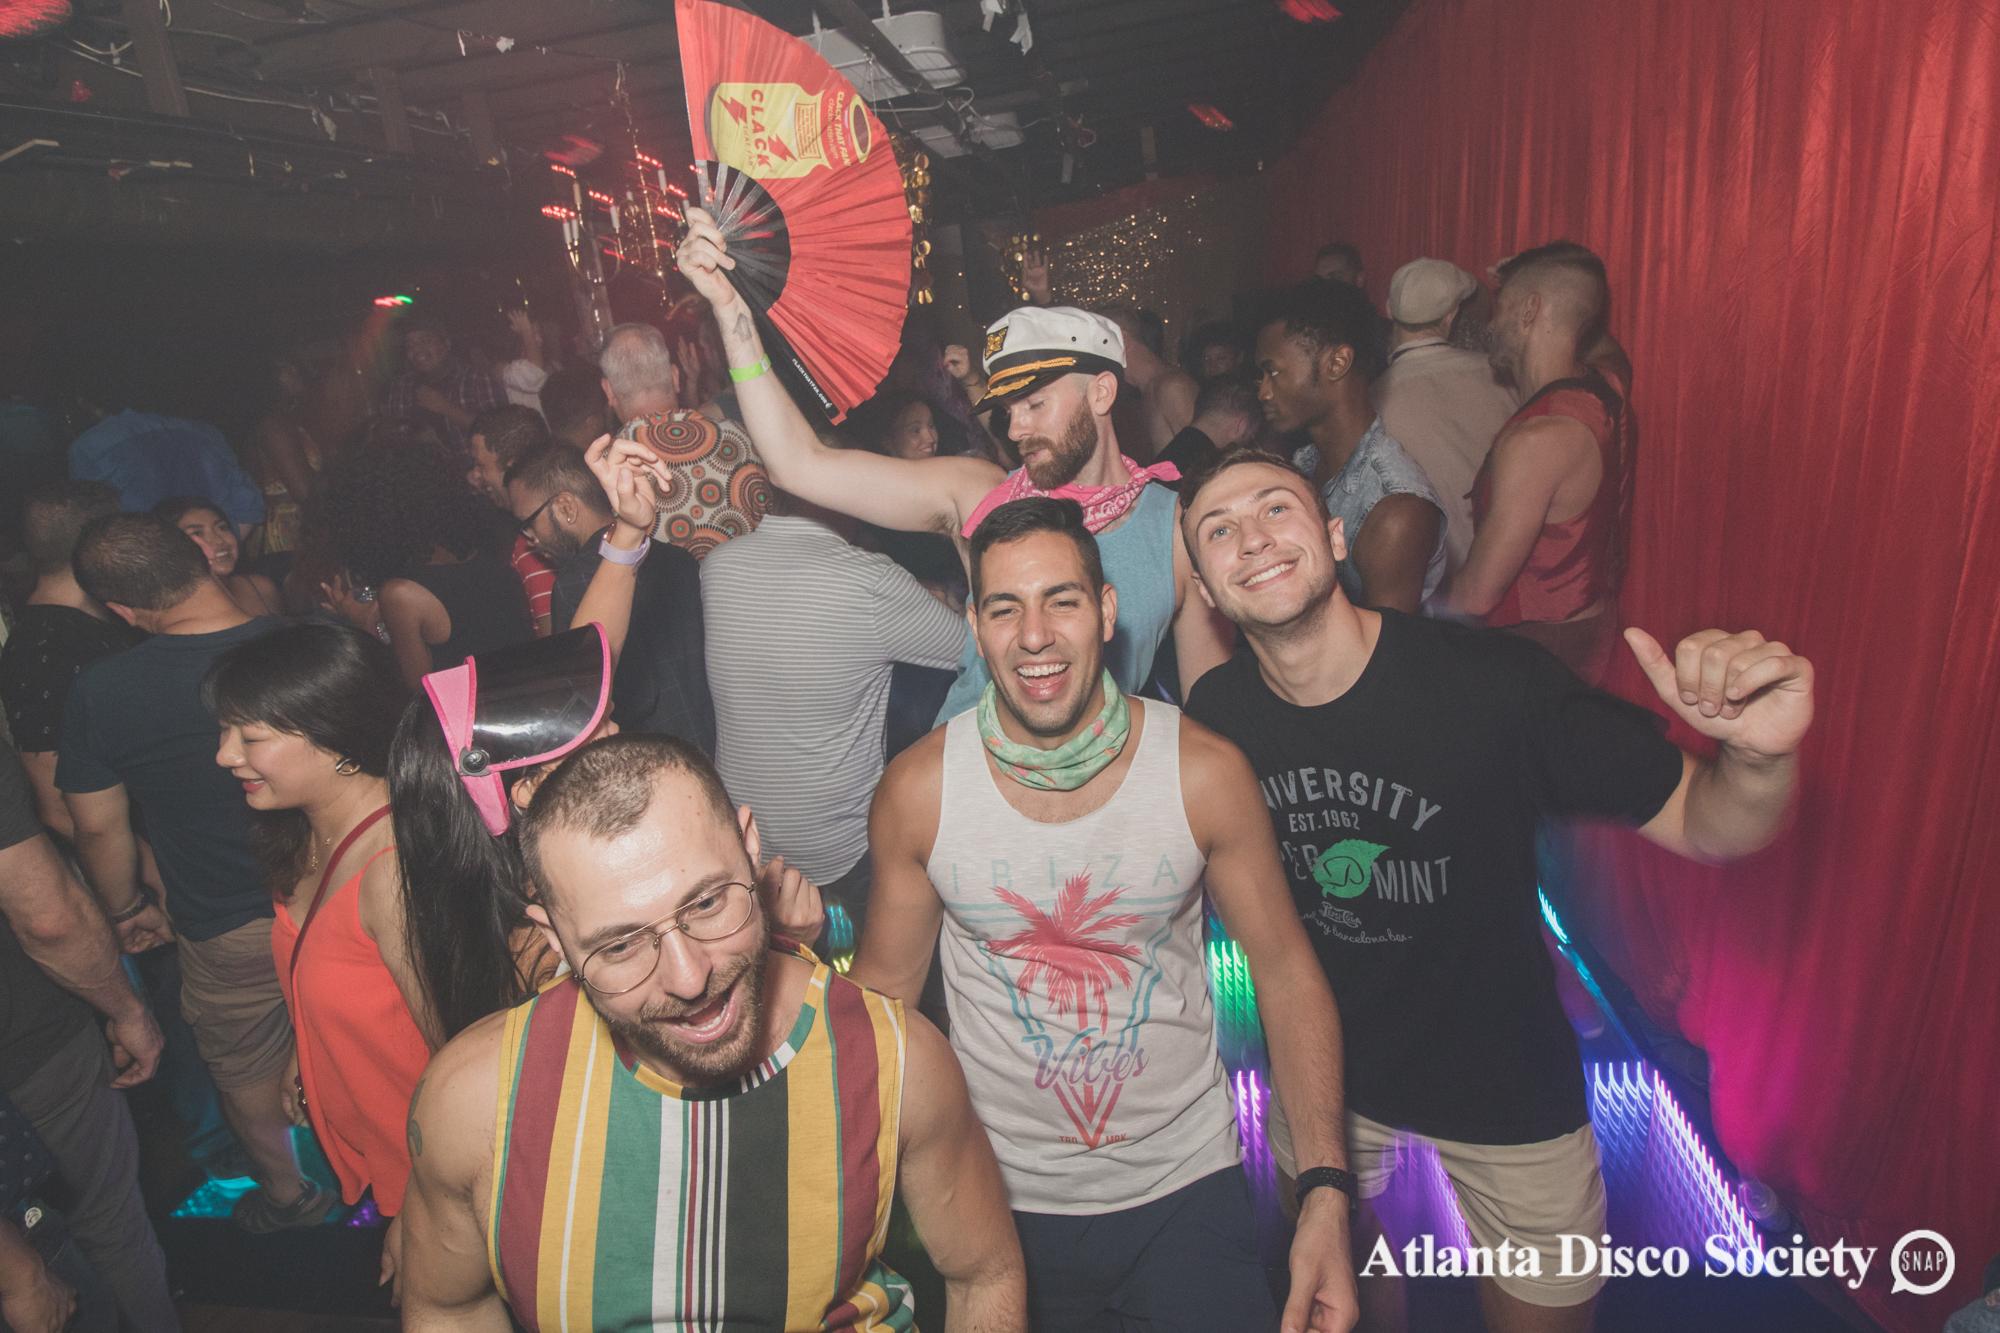 69Atlanta Disco Society Grace Kelly Oh Snap Kid 7.27.19.jpg